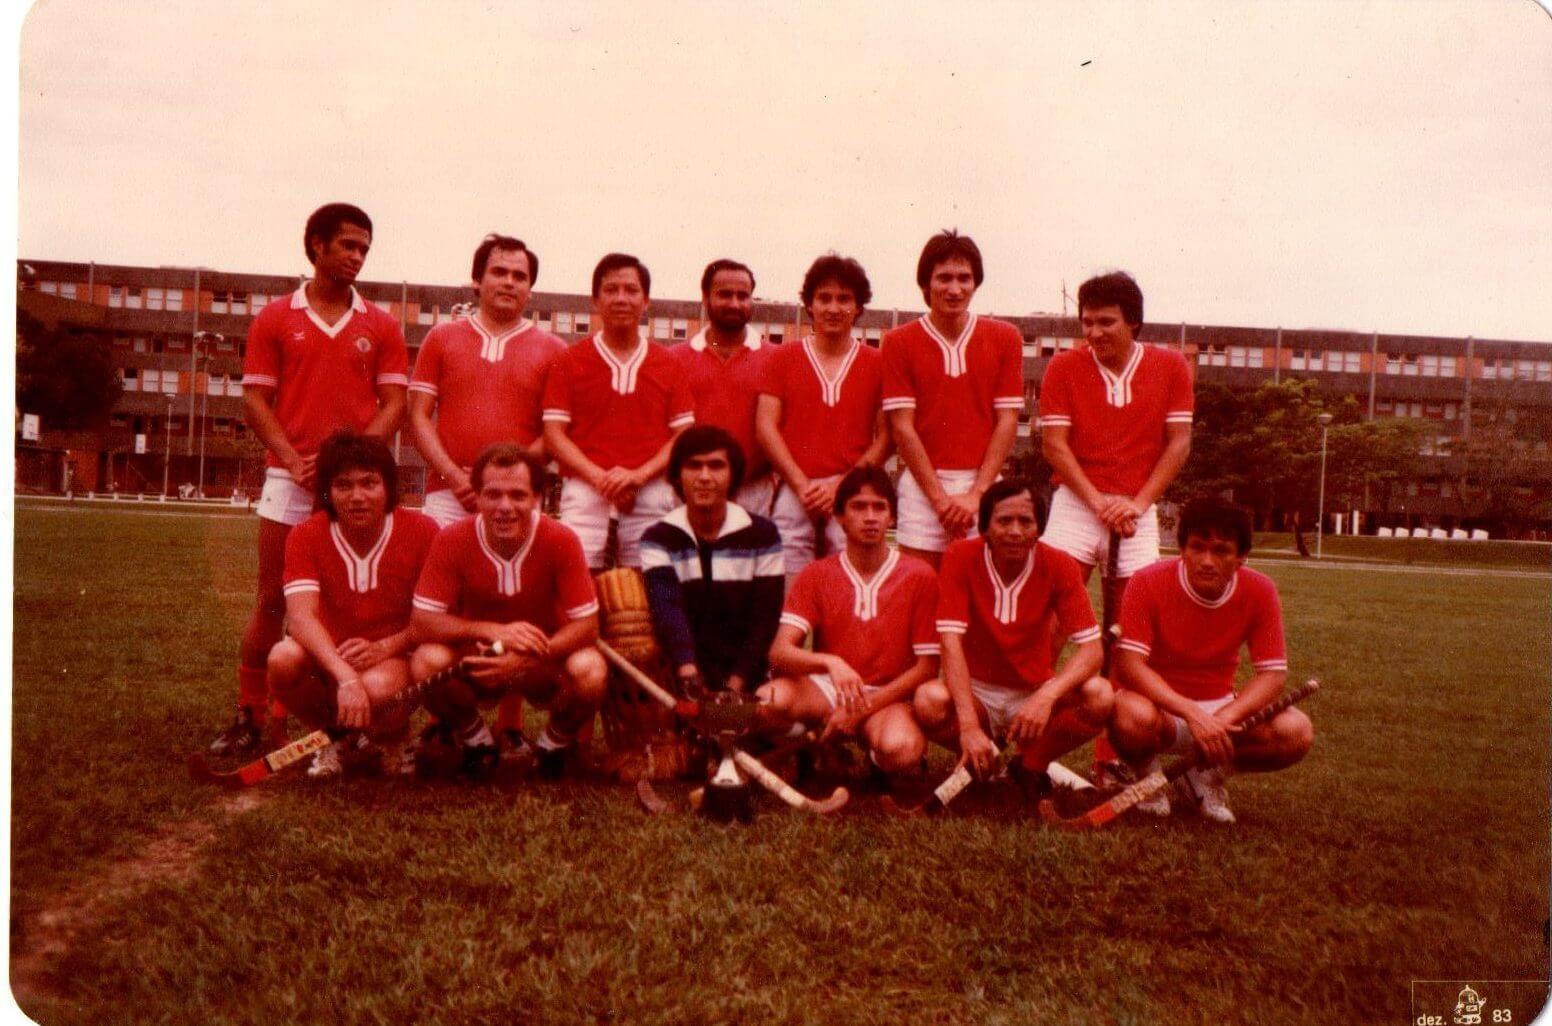 Foto tirada em Dezembro de 1983